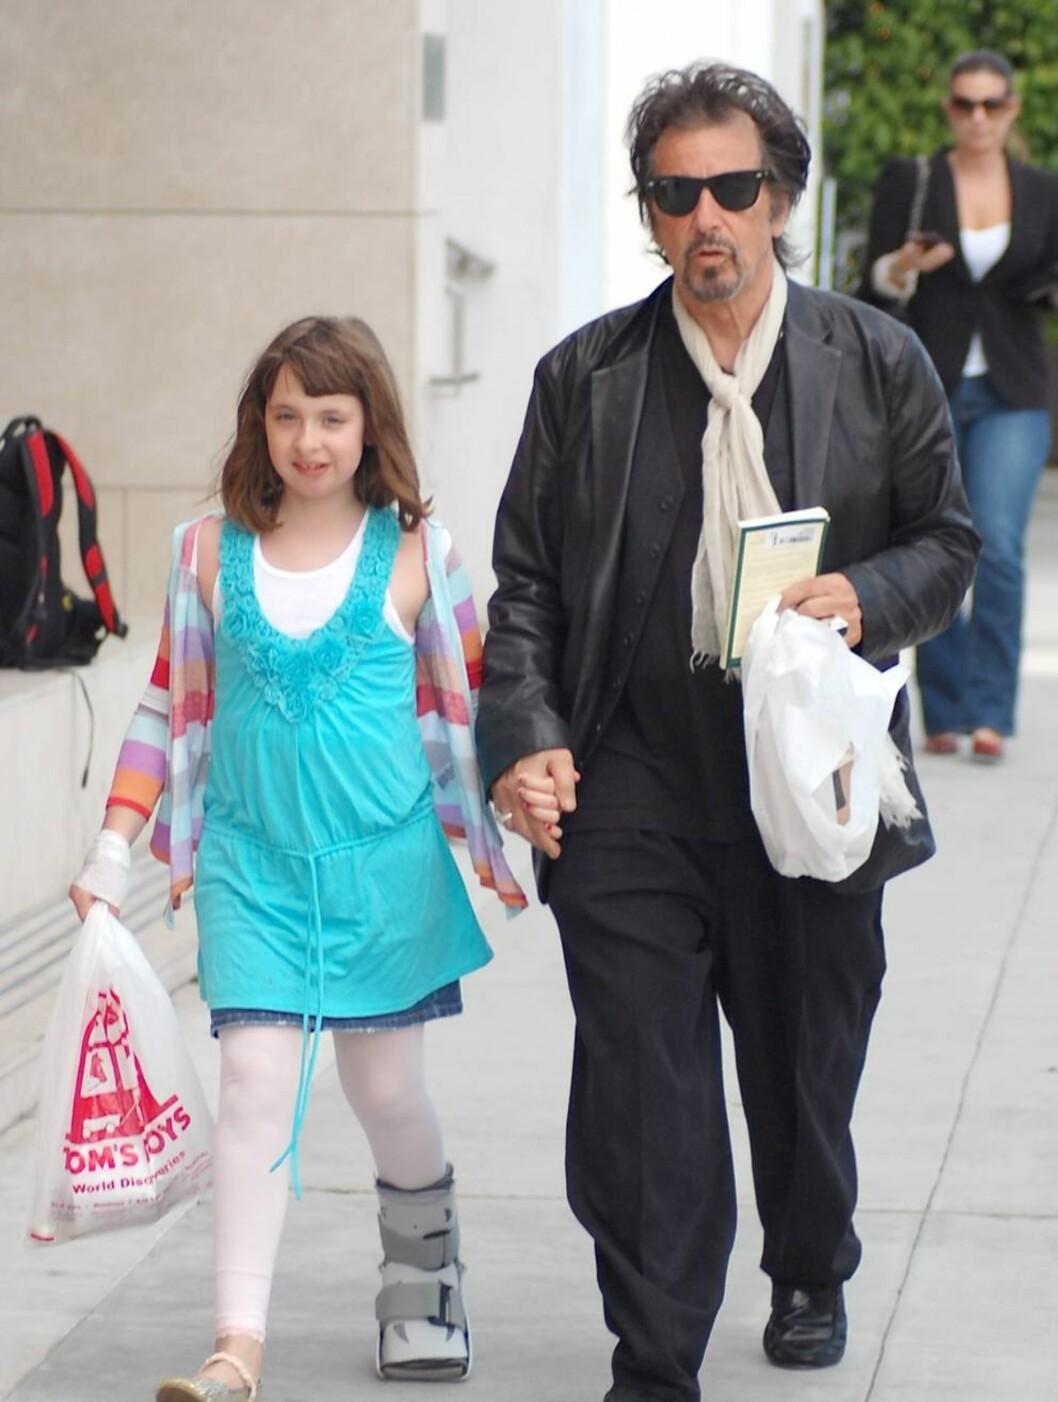 OMSORG: Da datteren Olivia (10) hadde brukket benet tok pappa Pacino med yngstejenta på shopping. Foto: All Over Press